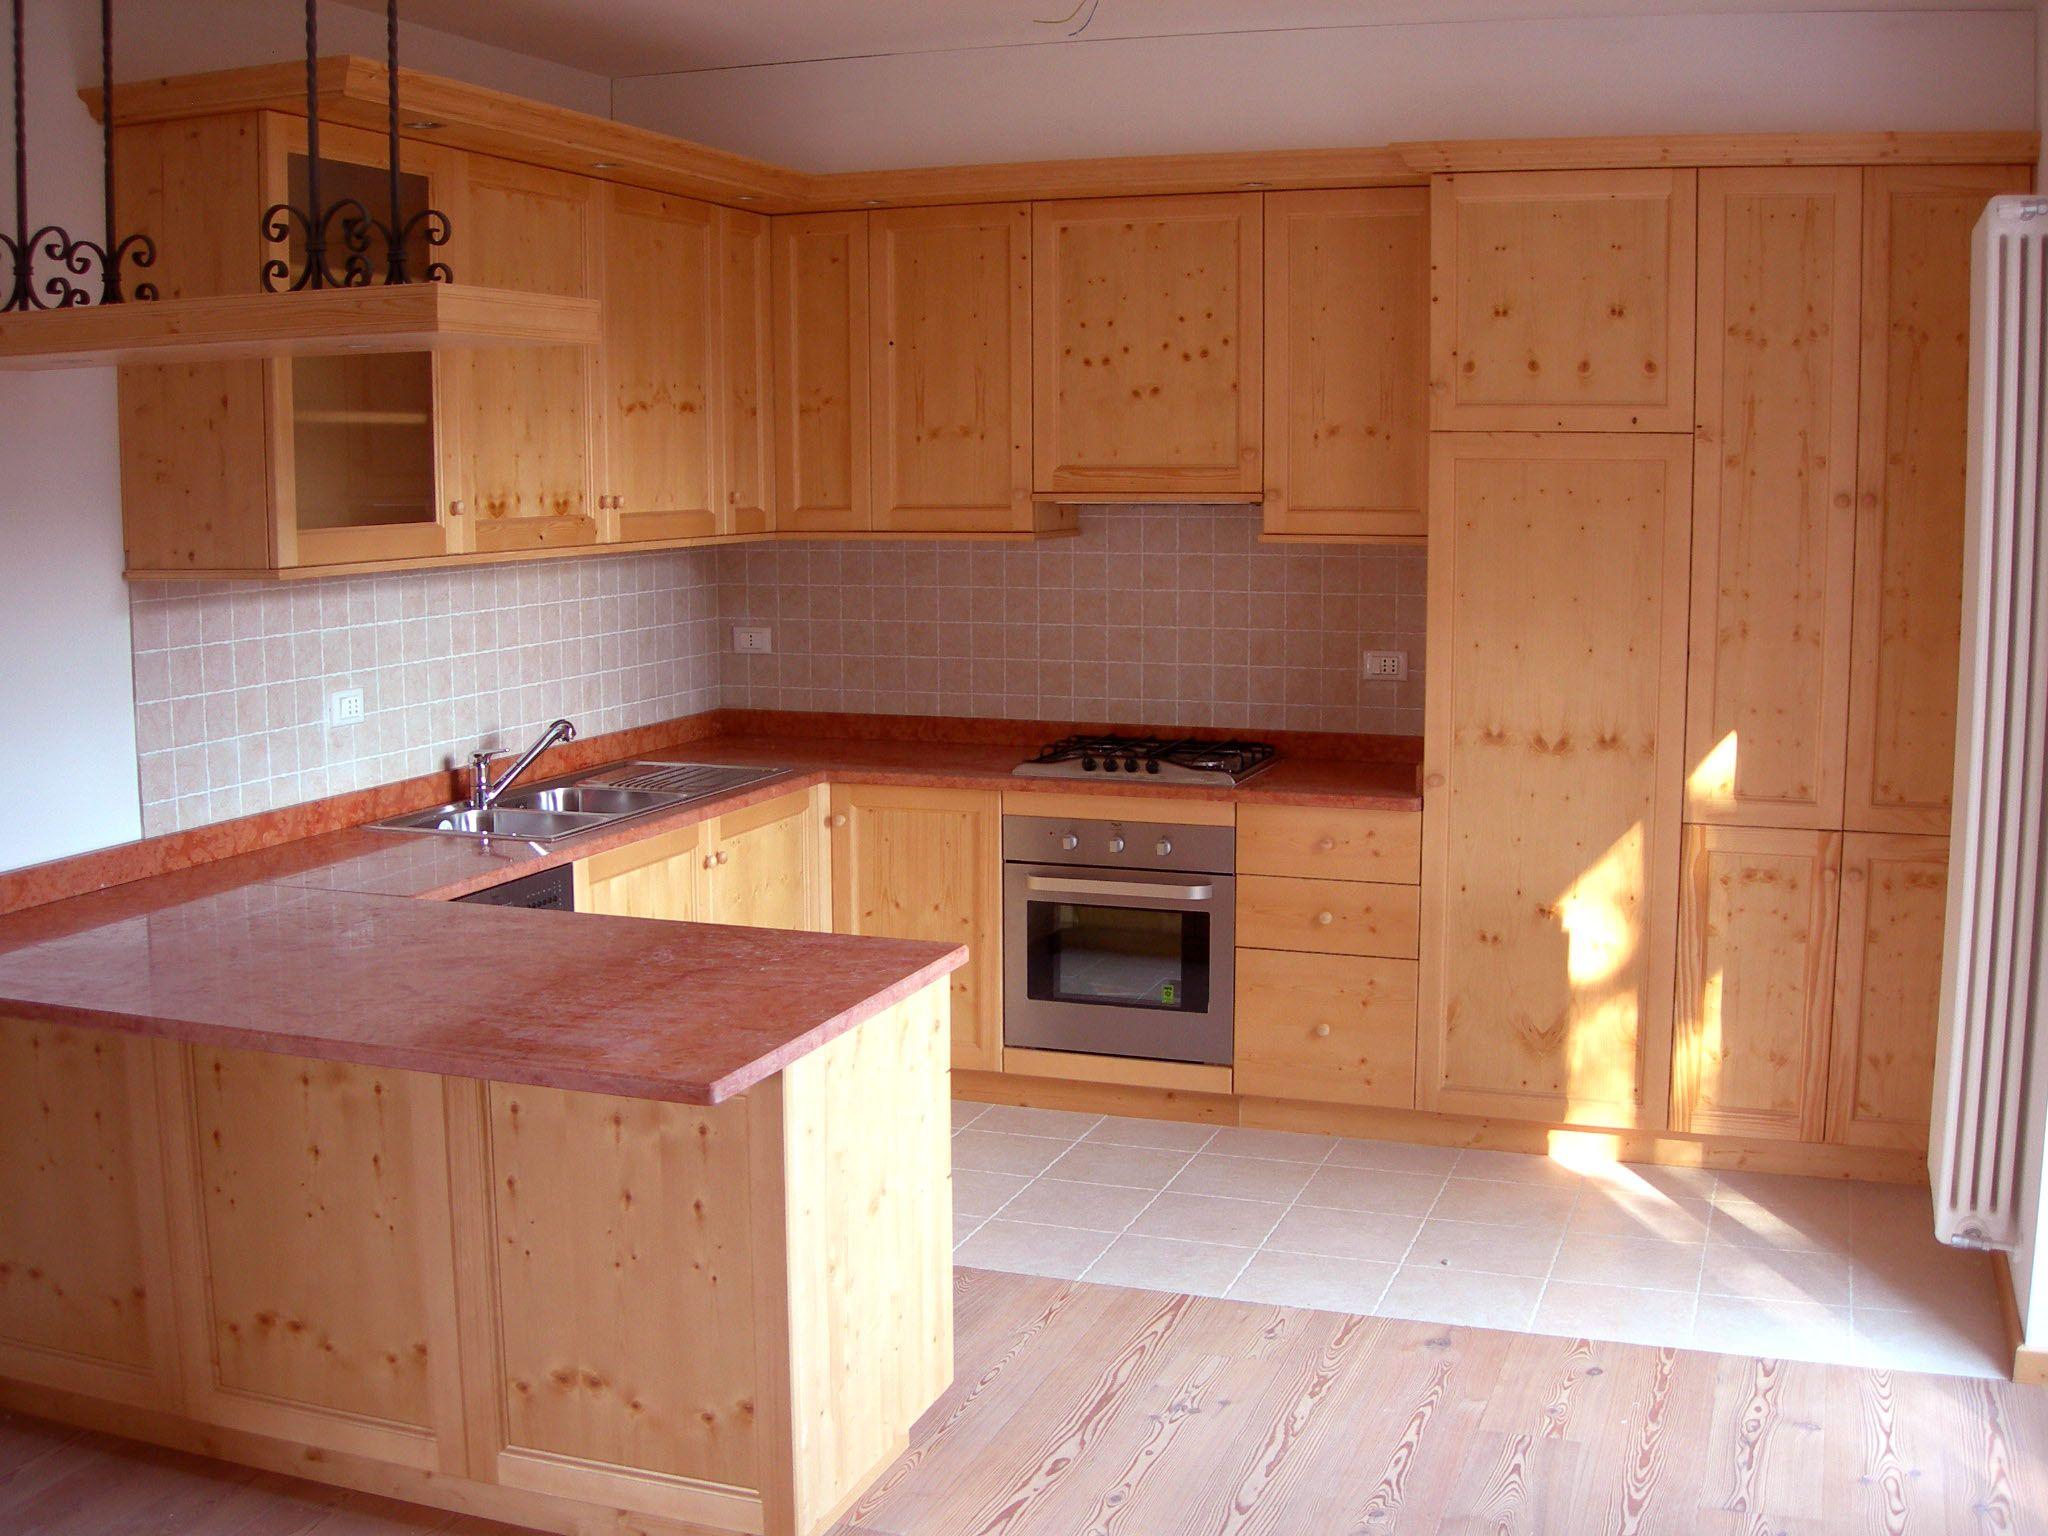 Cucina su misura in abete spazzolato finitura naturale - Cucine in abete ...